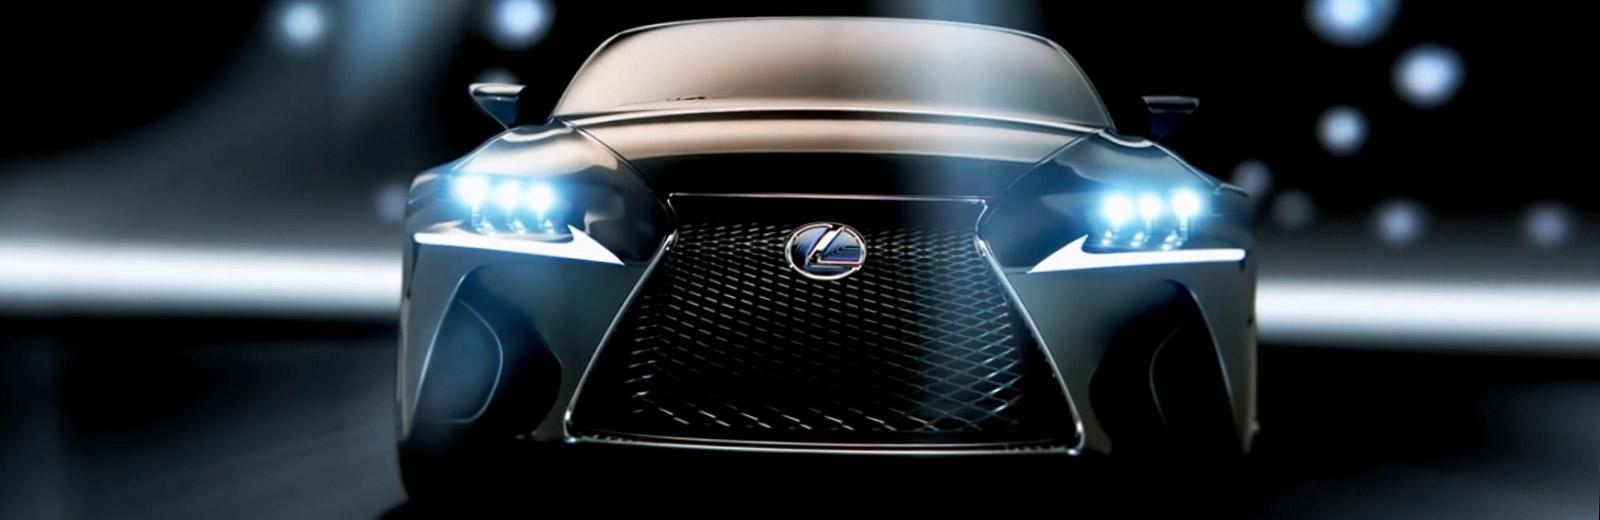 Вид спереди концепт карa Lexus LF CC